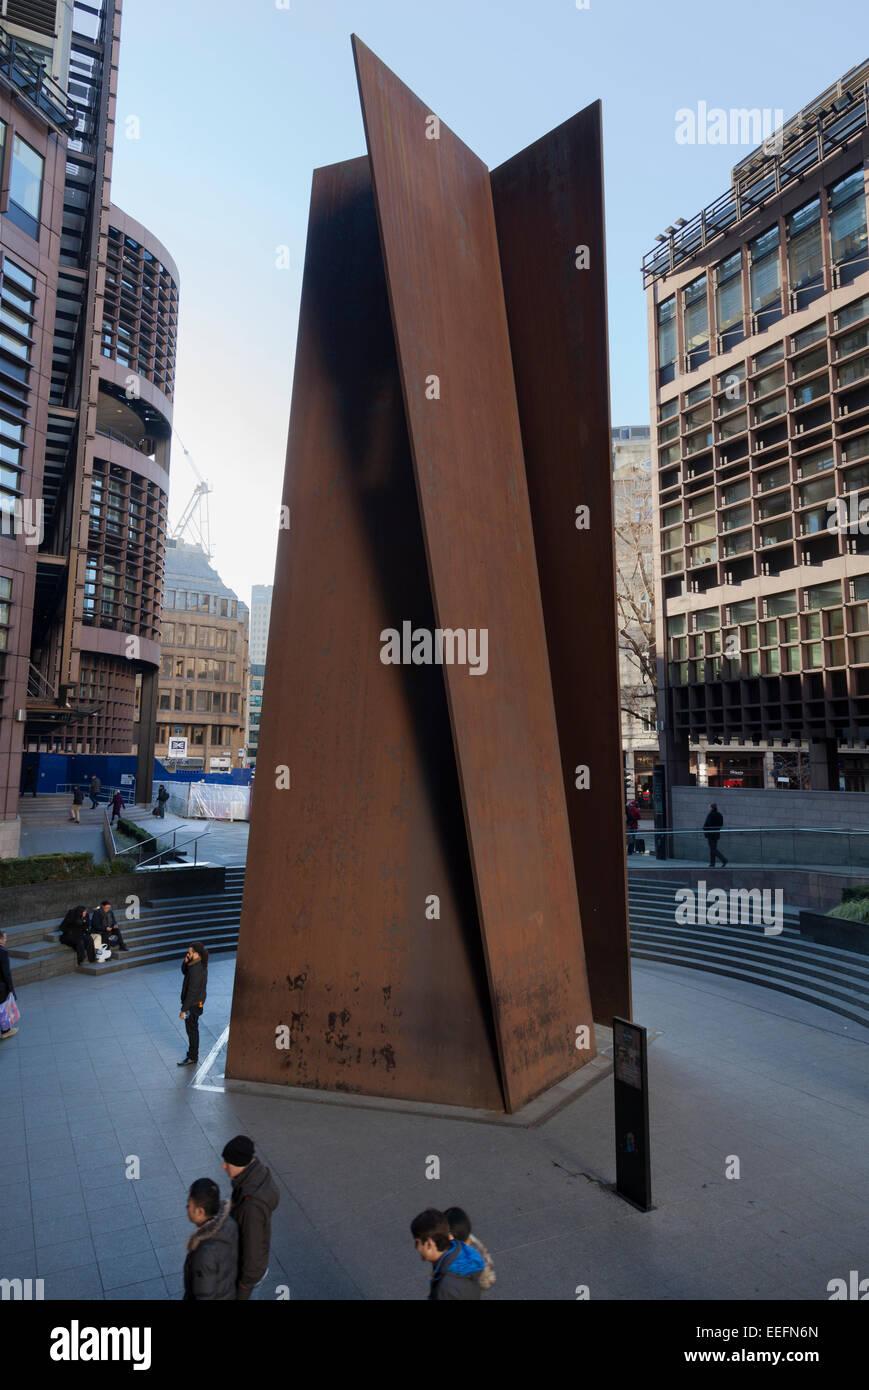 Eisenskulptur von Richard Serra berechtigt Dreh-und Angelpunkt bei der Broadgate Komplex von Liverpool Street Station, Stockbild